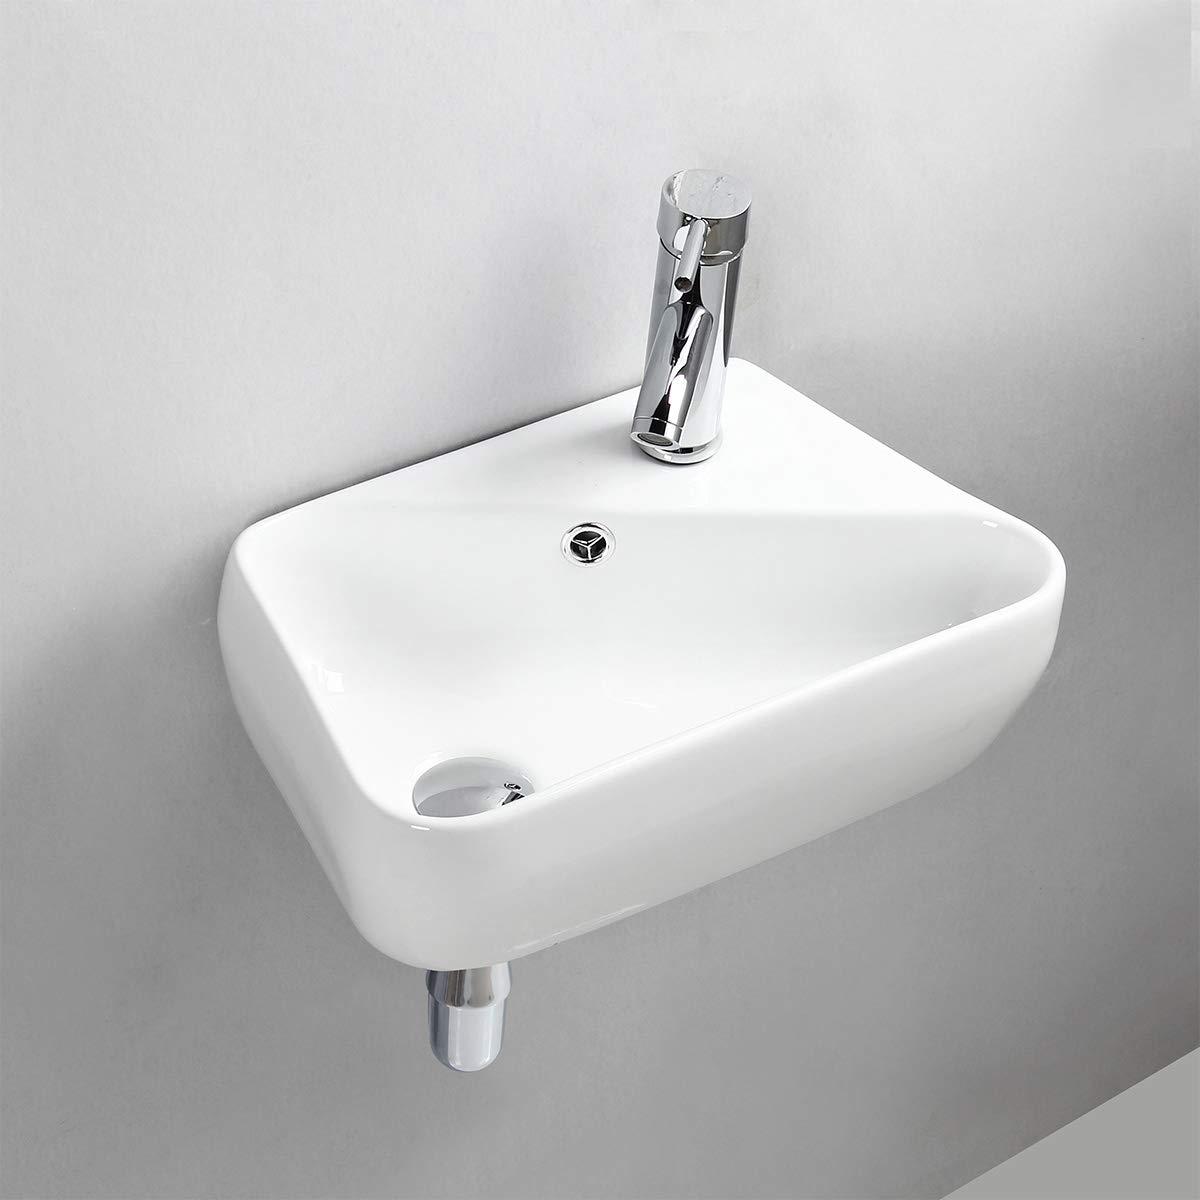 Gimify Lave Main Suspendu Mini Lavabo Céramique Mural pour WC Vestiaire Salle de Bain, Blanc 45x27.5x15cm